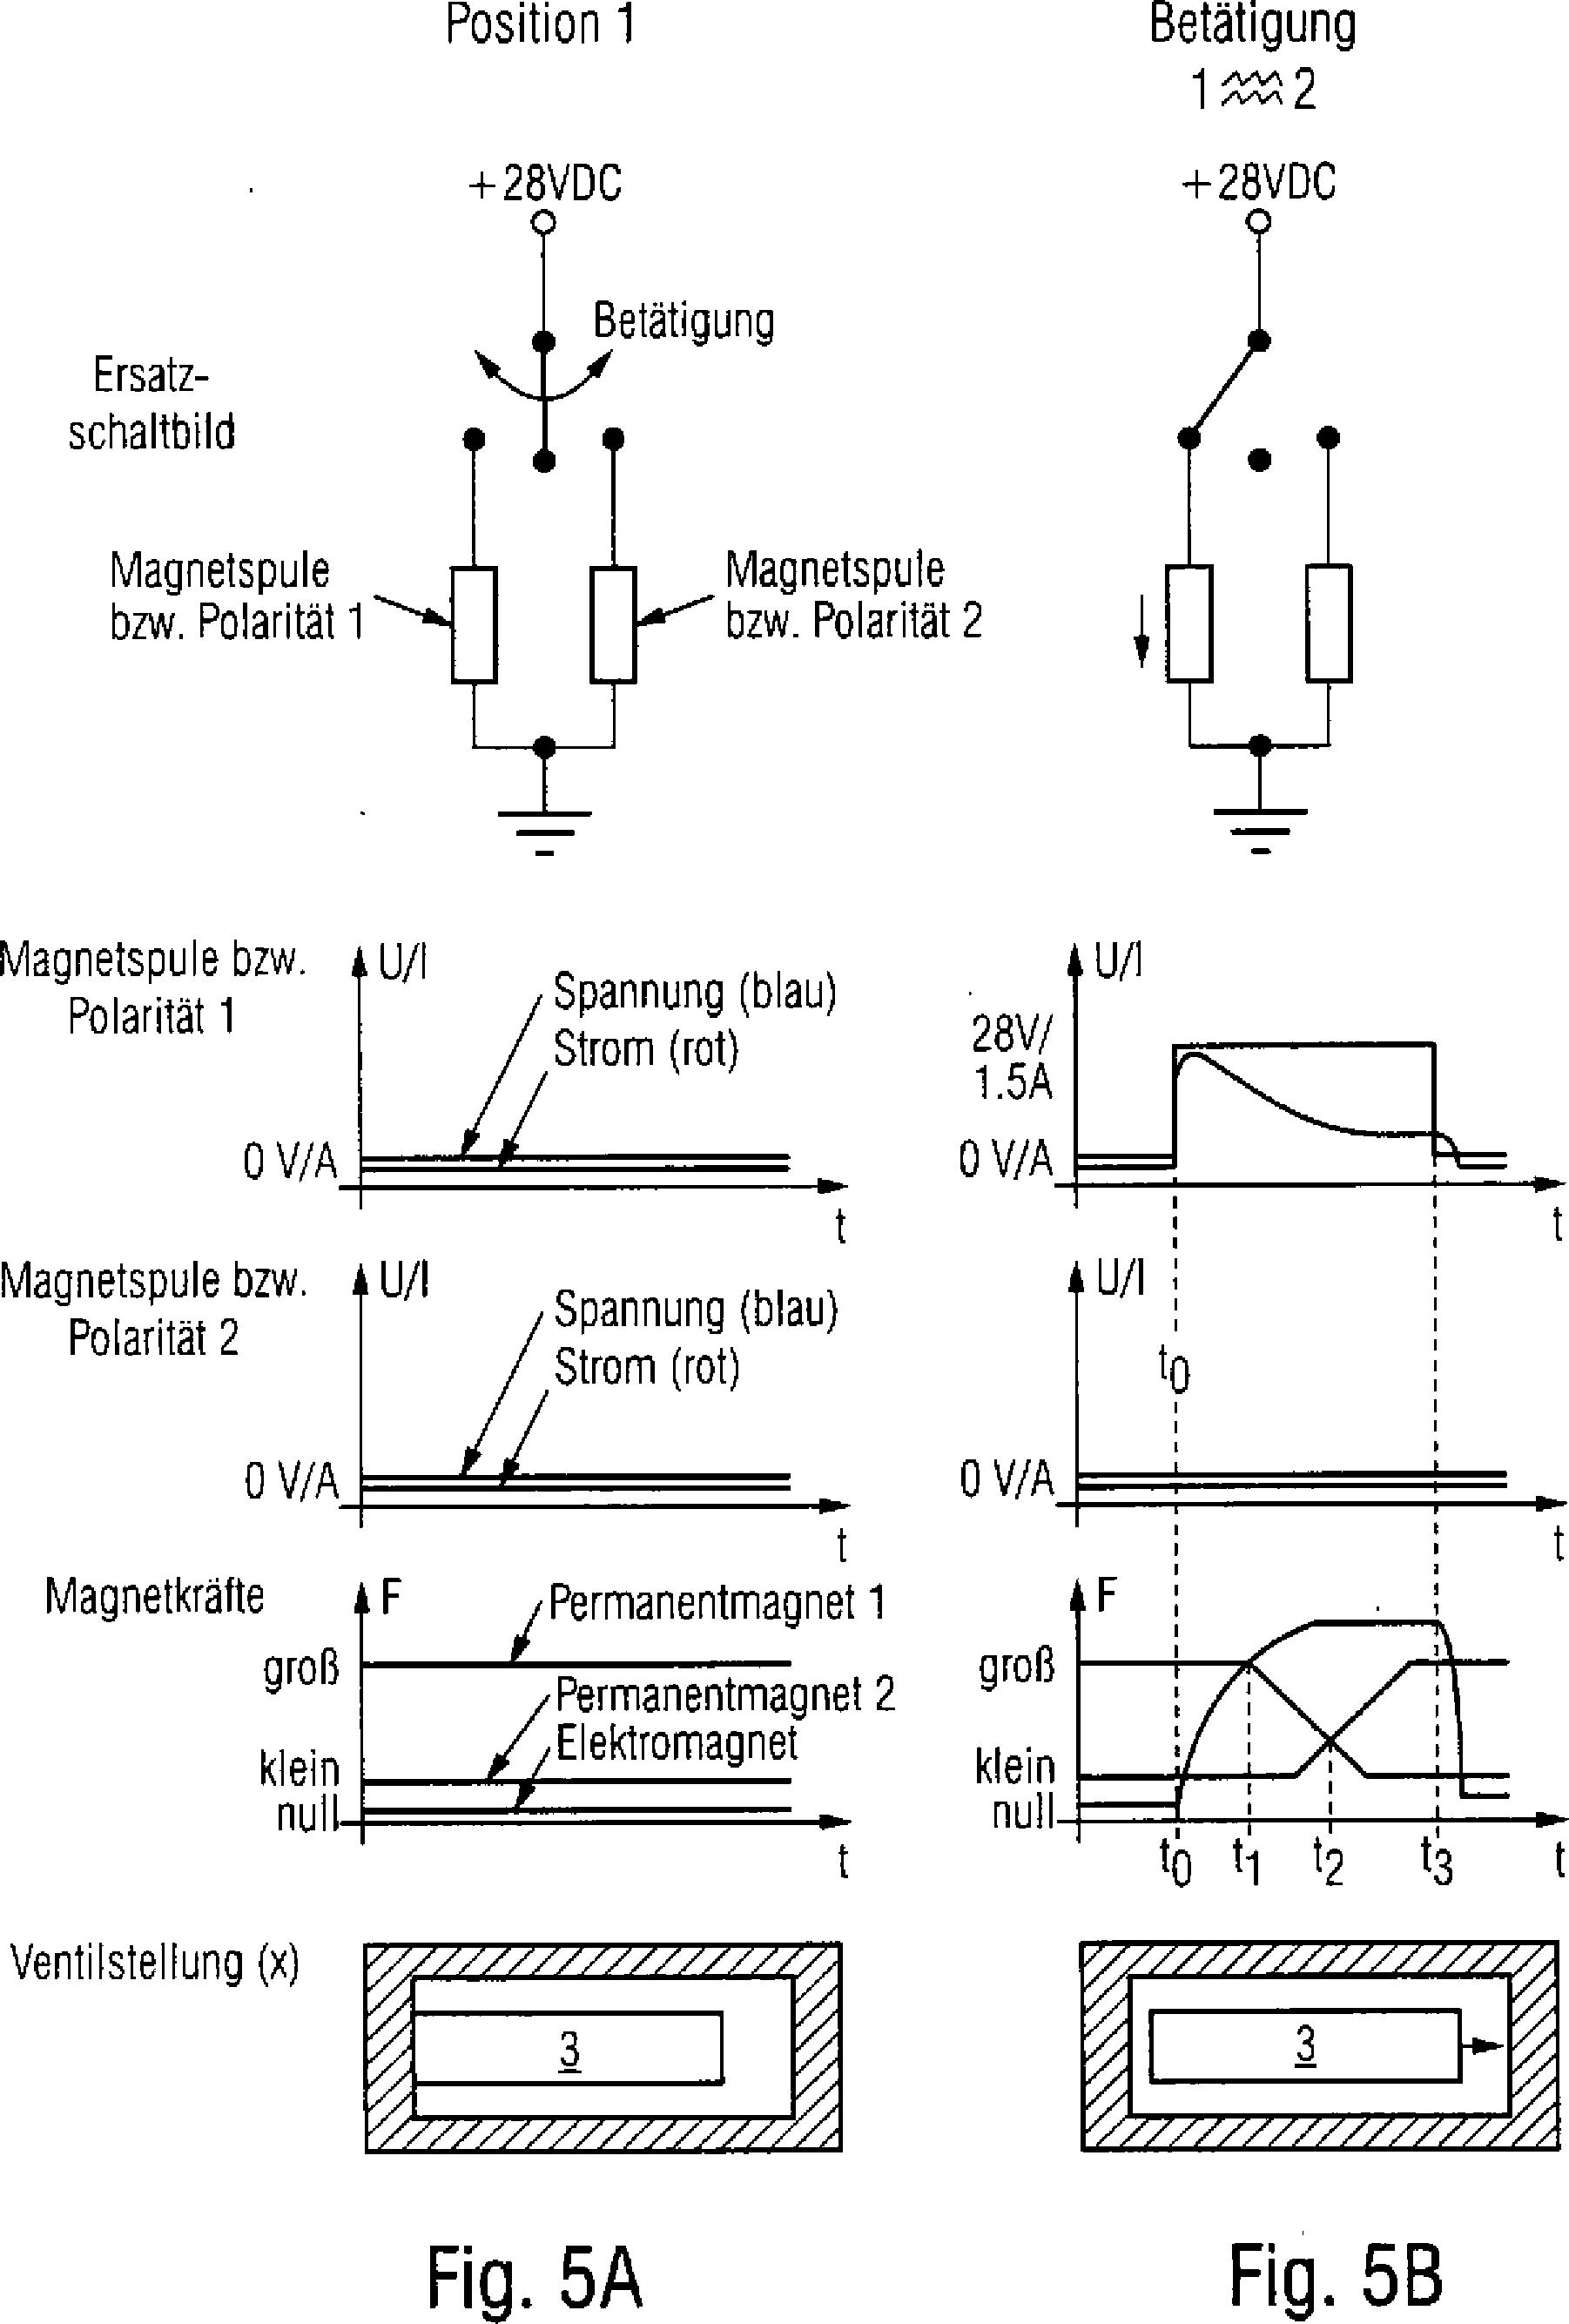 Beste Elektromagnet Symbol Fotos - Der Schaltplan - triangre.info